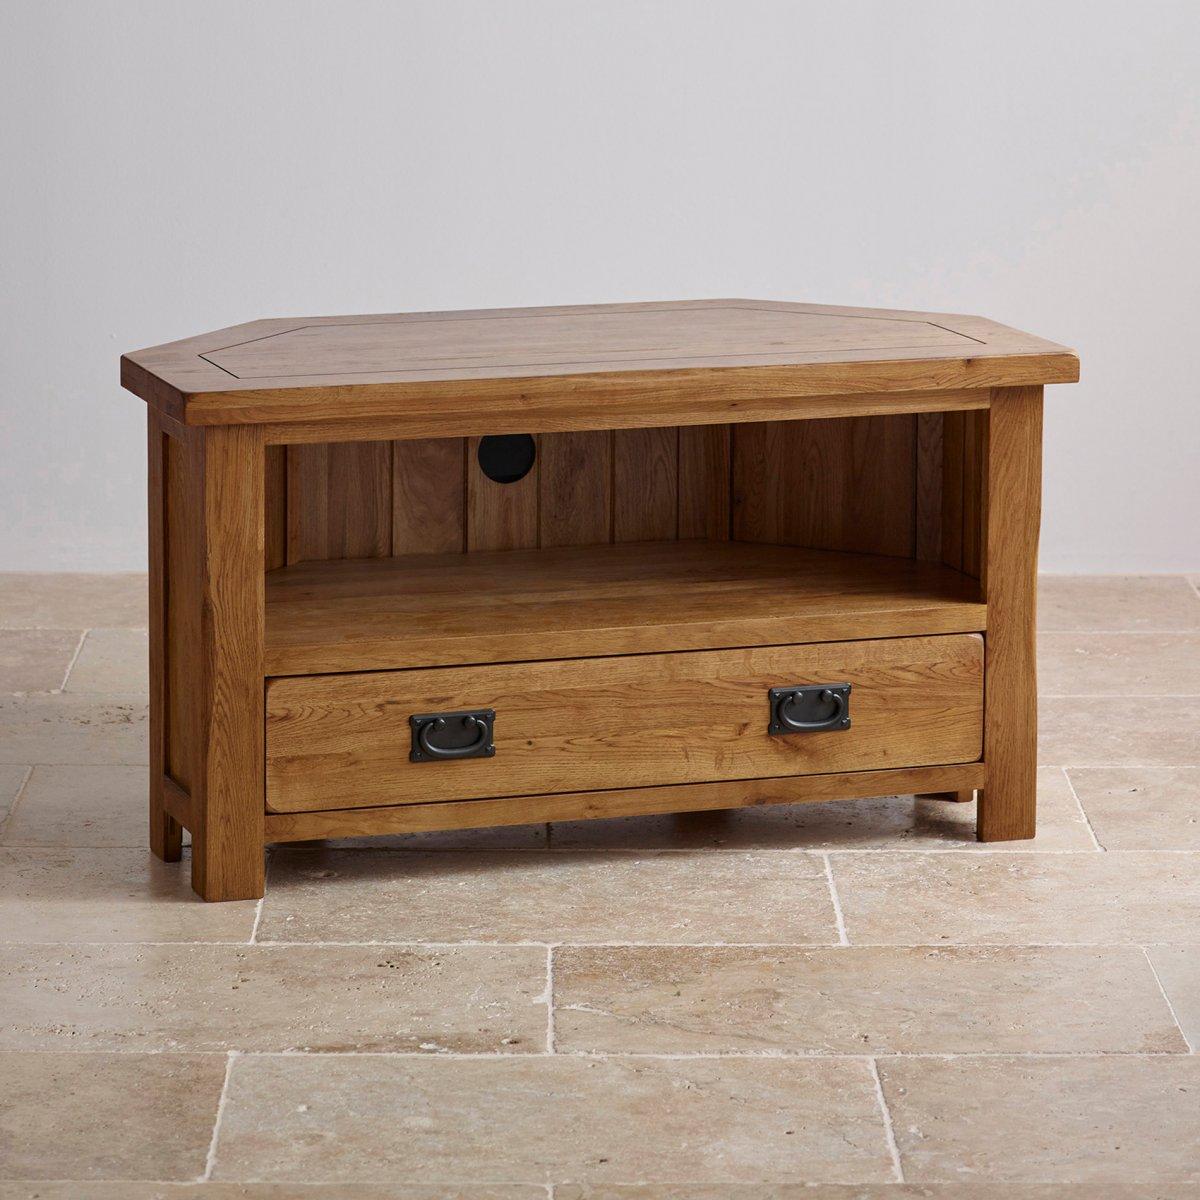 original rustic corner tv cabinet in solid oak. Black Bedroom Furniture Sets. Home Design Ideas